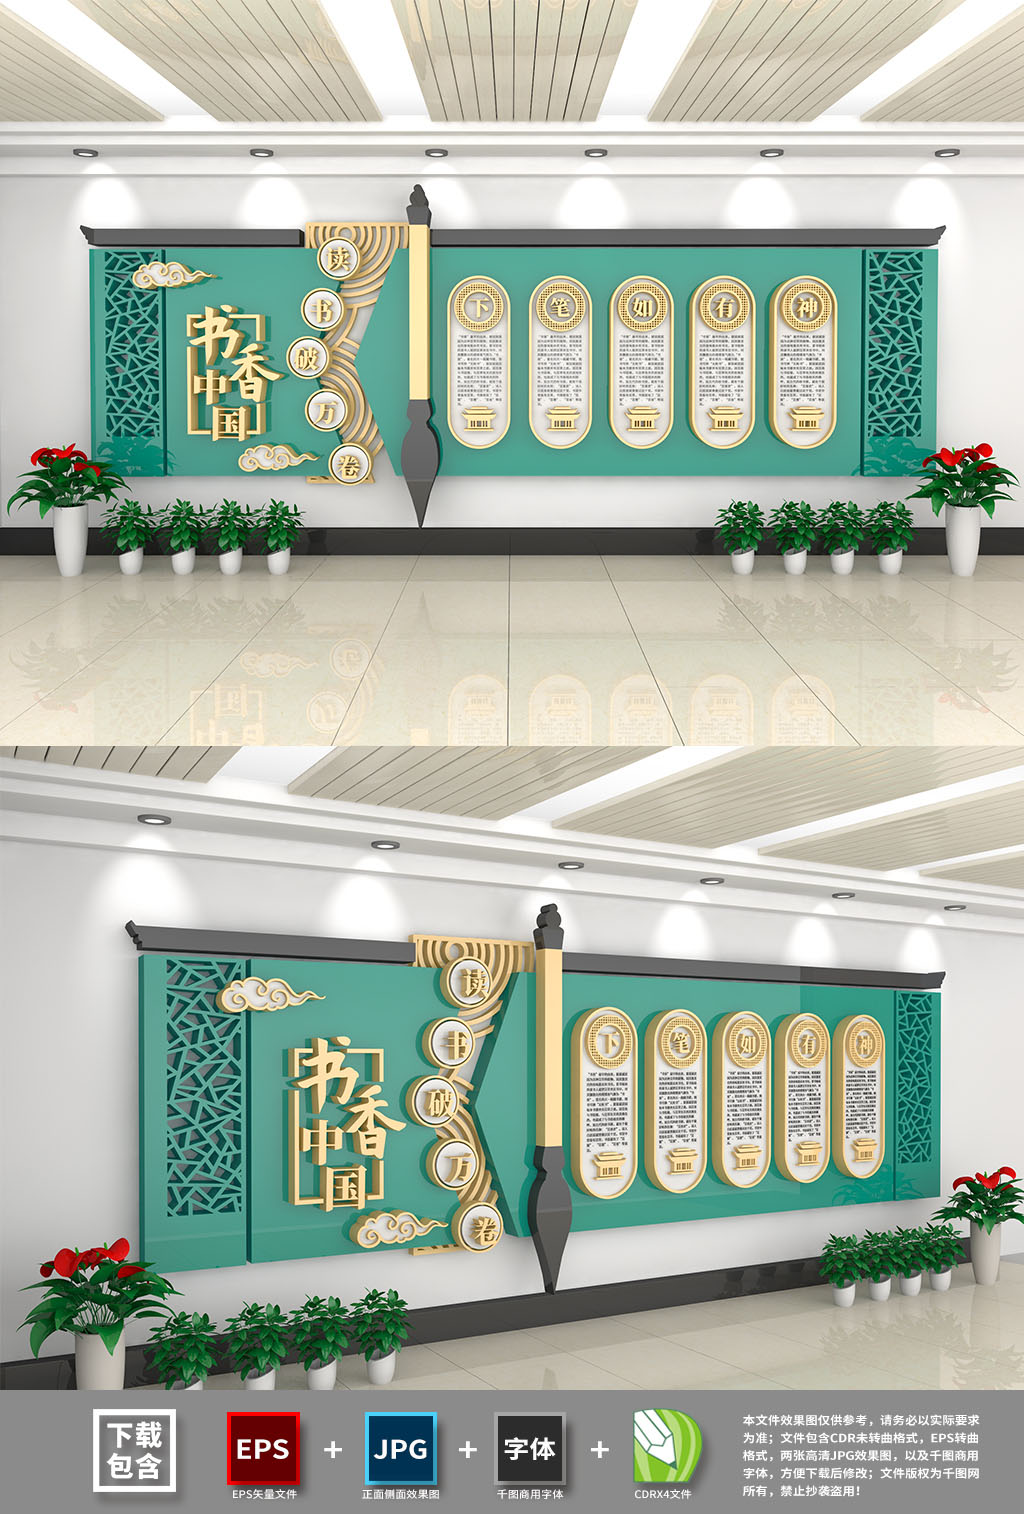 创意新式中国风立体书香中国校园文化墙插图